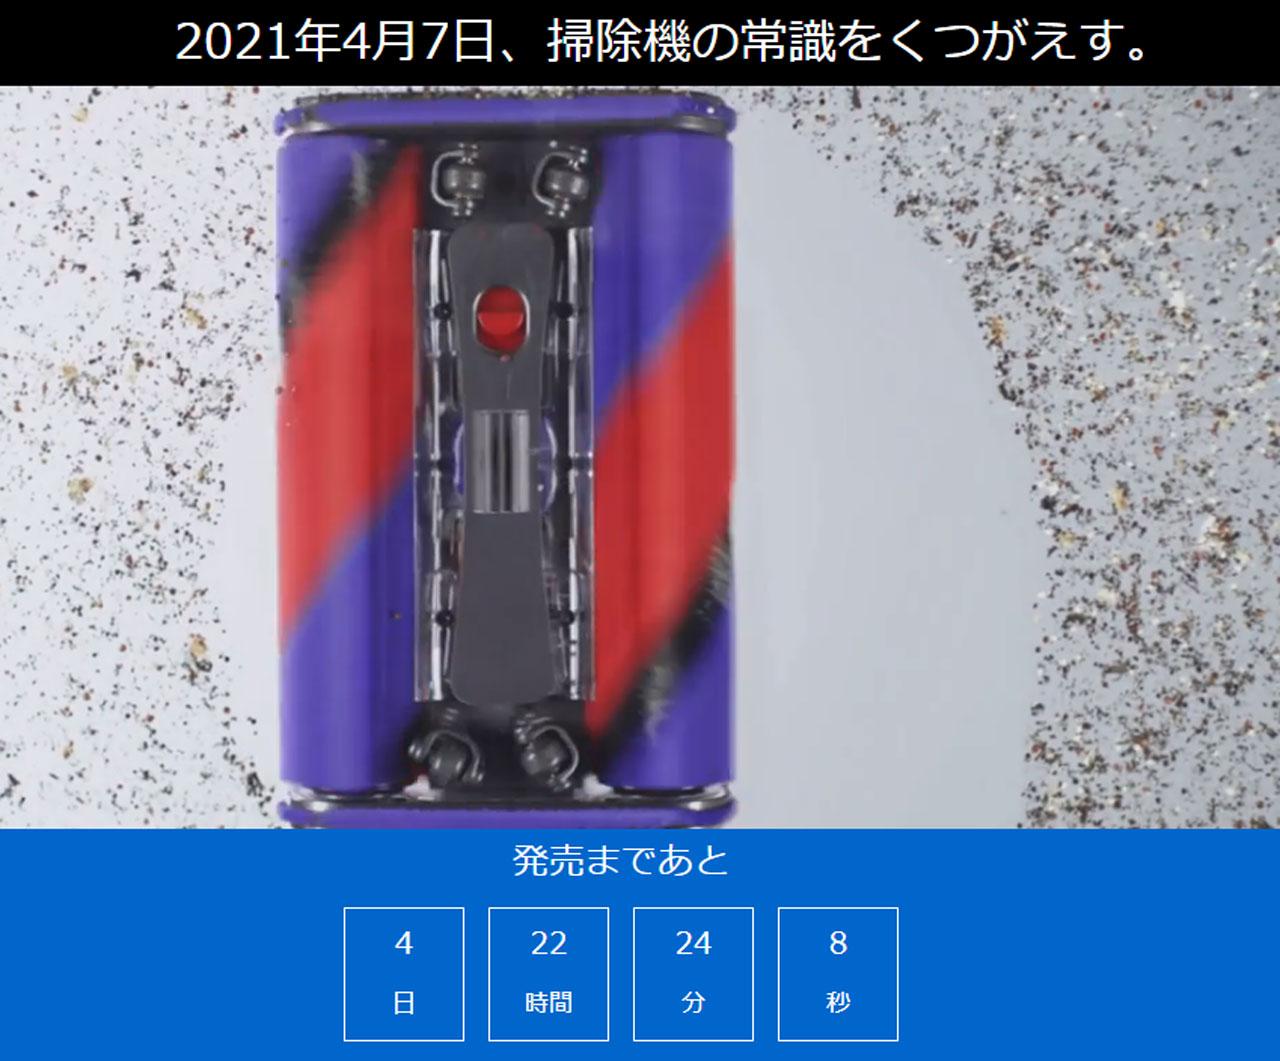 ダイソン-オムニグライド(omni-glide)-新製品